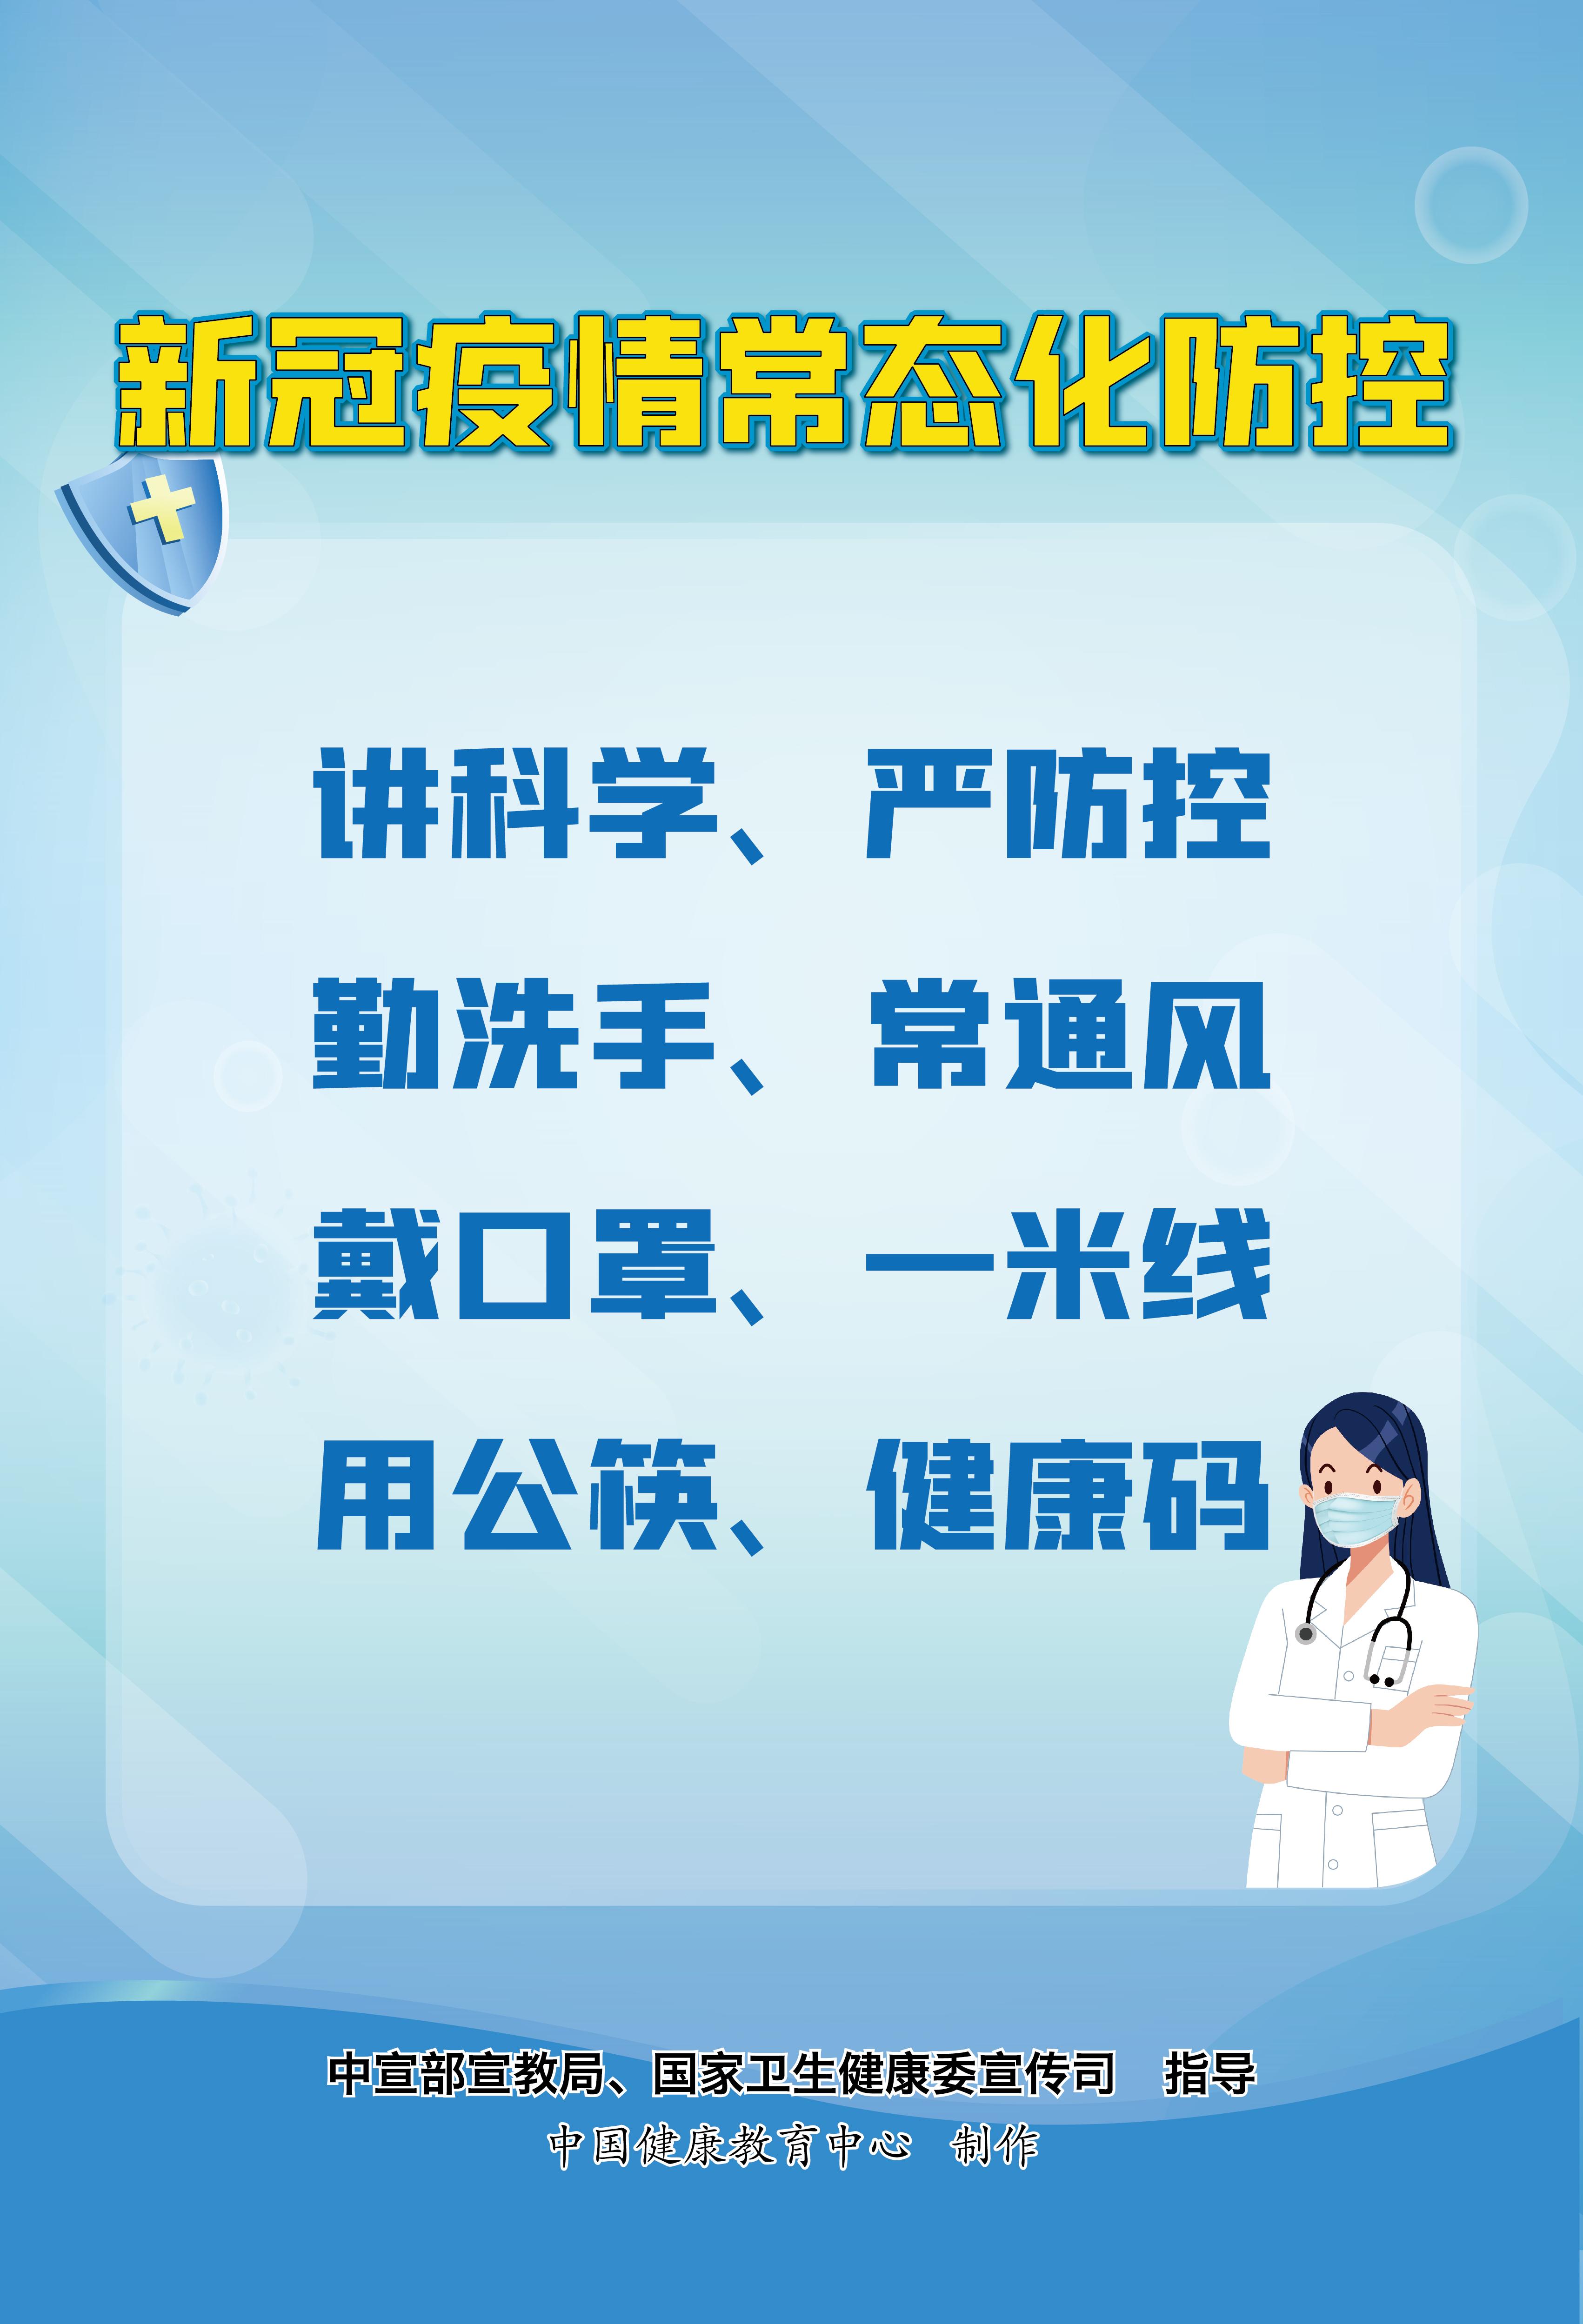 【图集】新冠肺炎疫情防护知识宣传海报